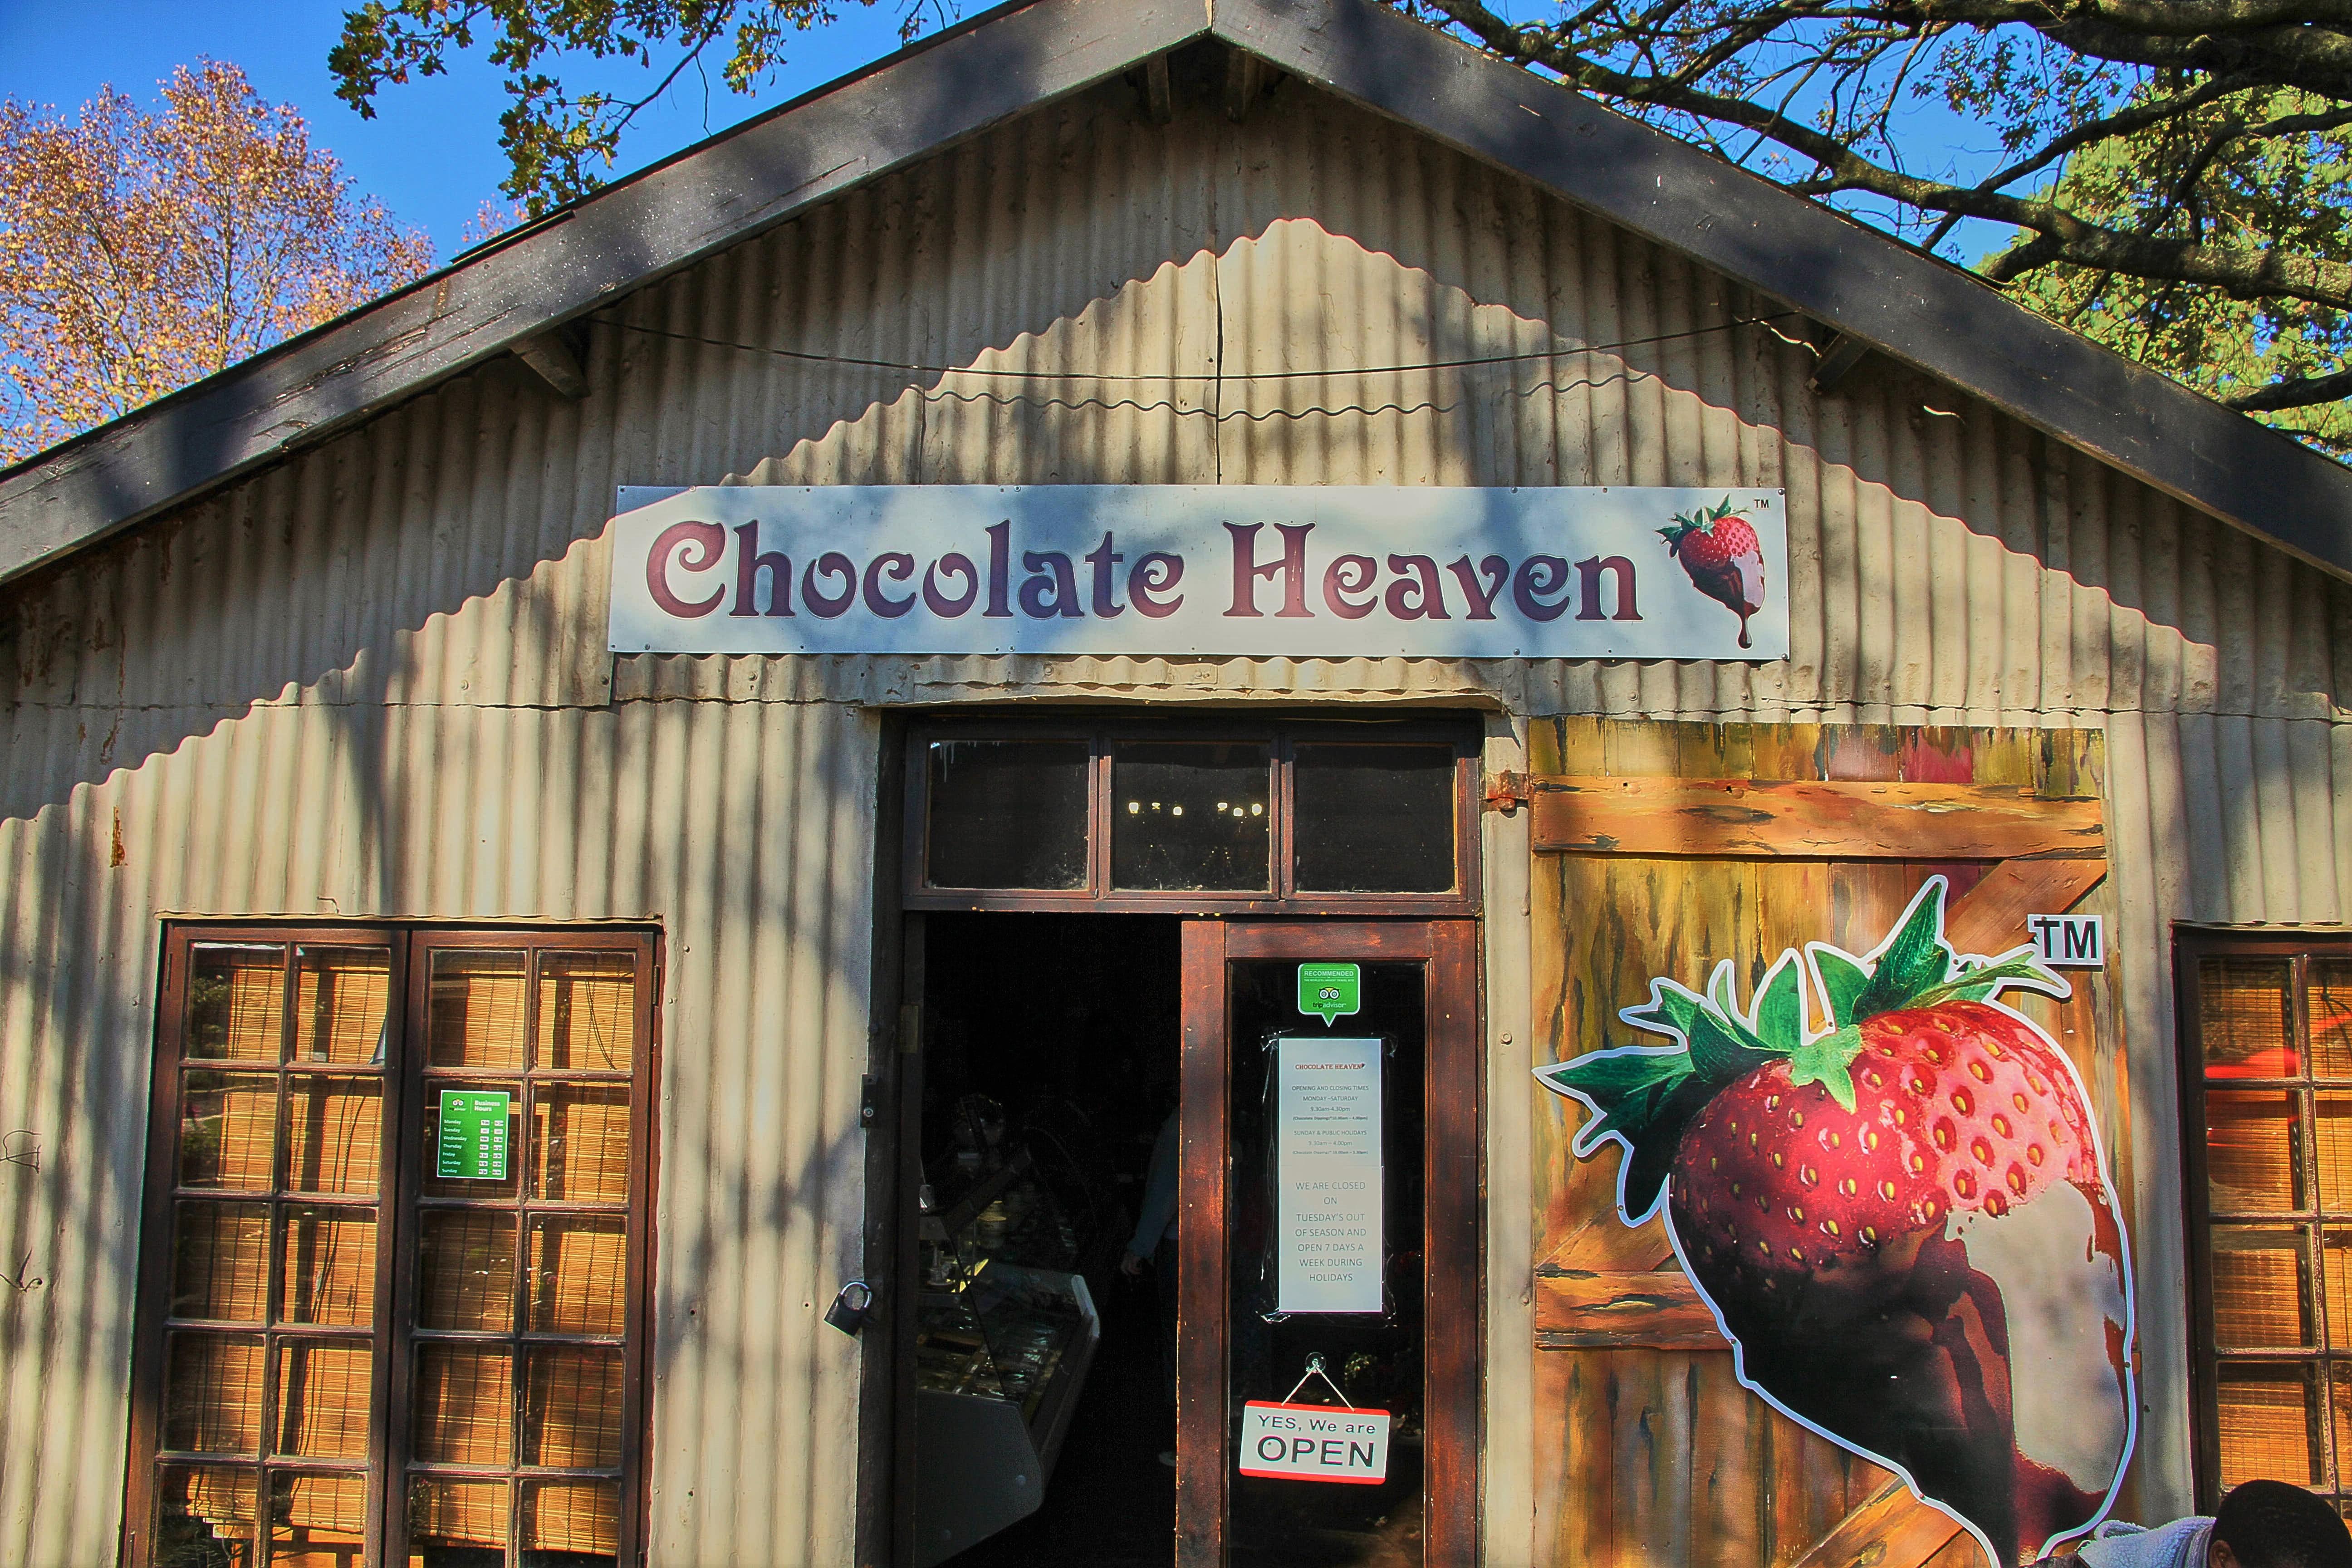 chocolate heaven entrance